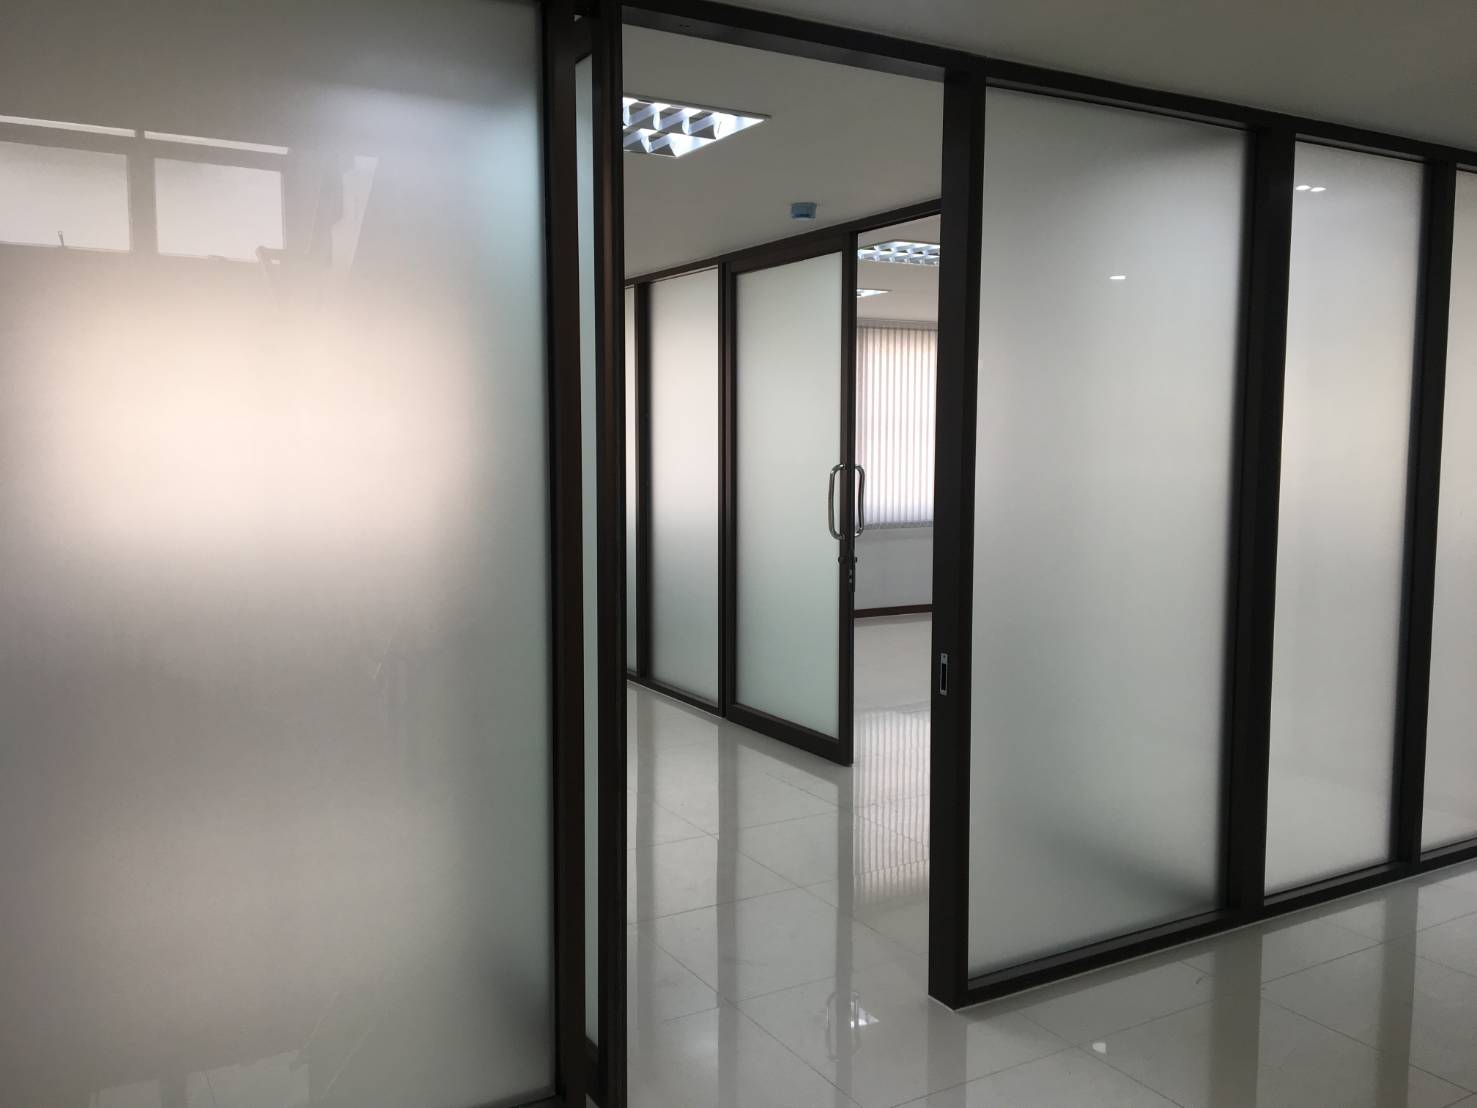 ภาพให้เช่าอาคาร 7ชั้น มีลิฟต์ โครงการ prime state